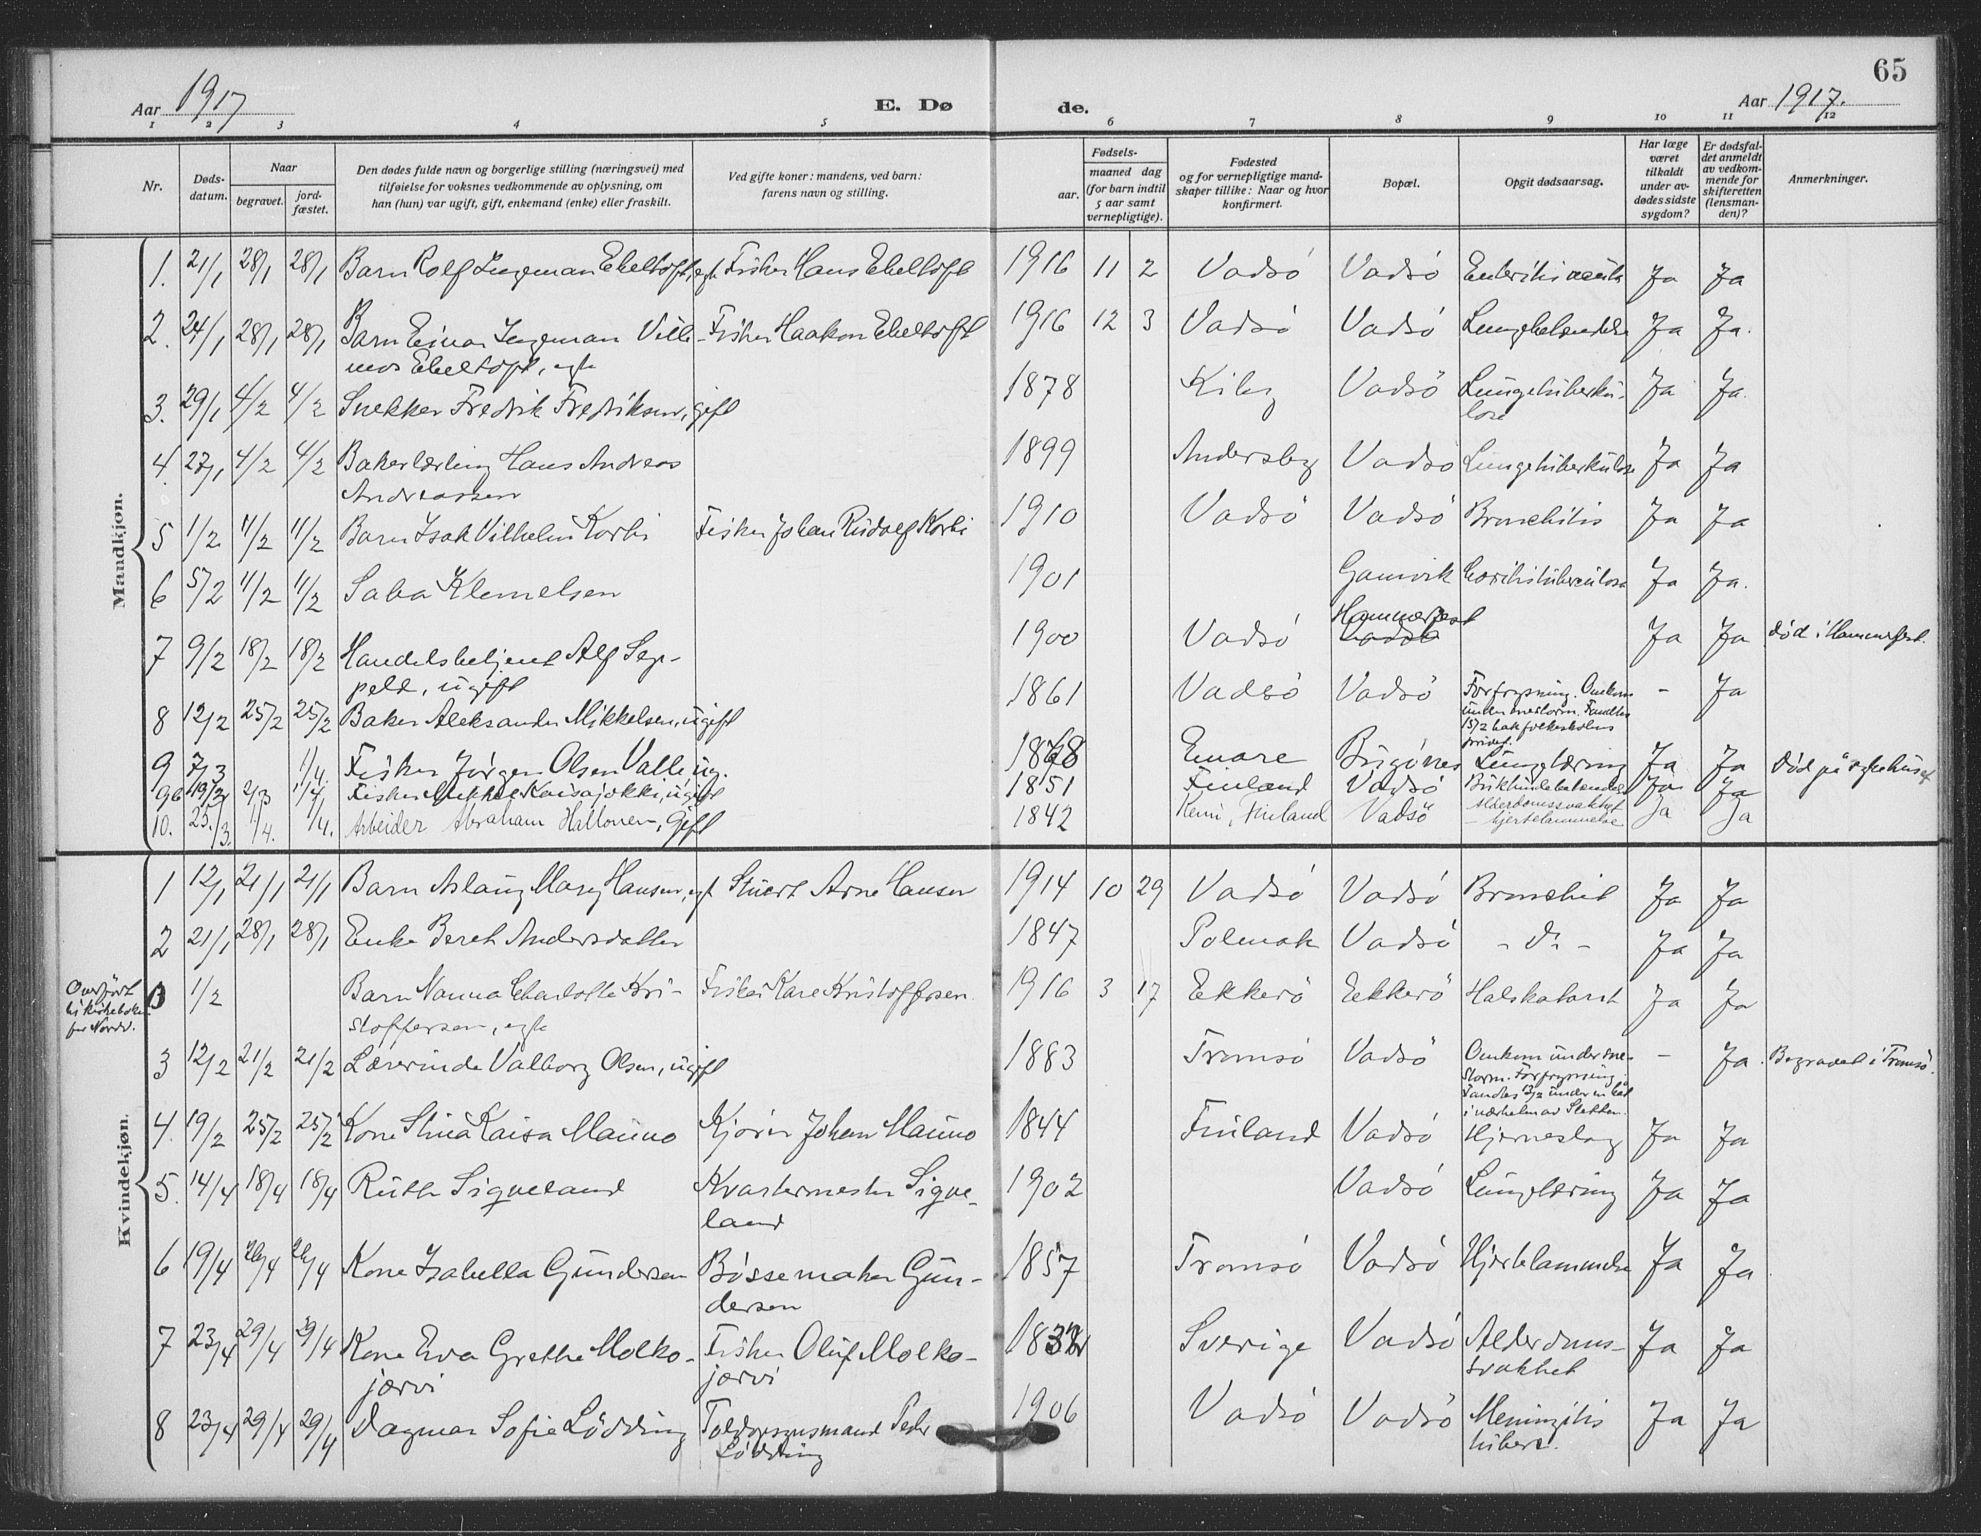 SATØ, Vadsø sokneprestkontor, H/Ha/L0008kirke: Ministerialbok nr. 8, 1912-1930, s. 65